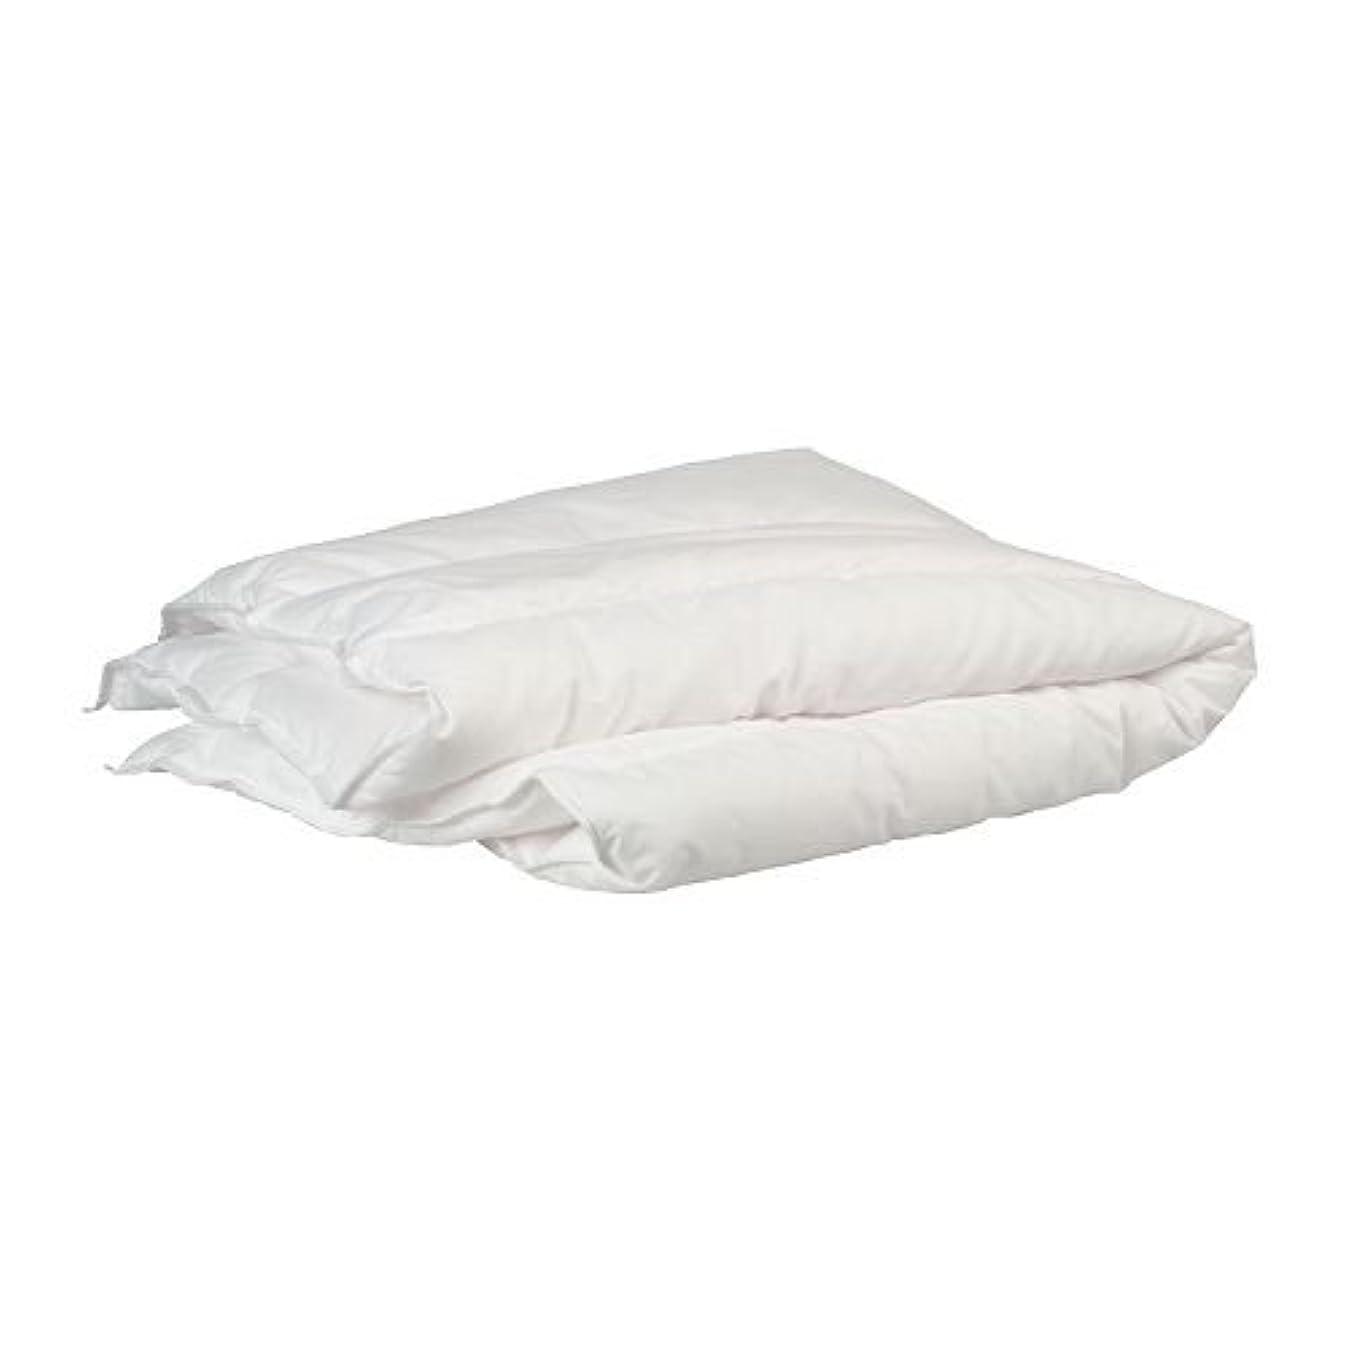 Ikea LEN Crib Comforter, White